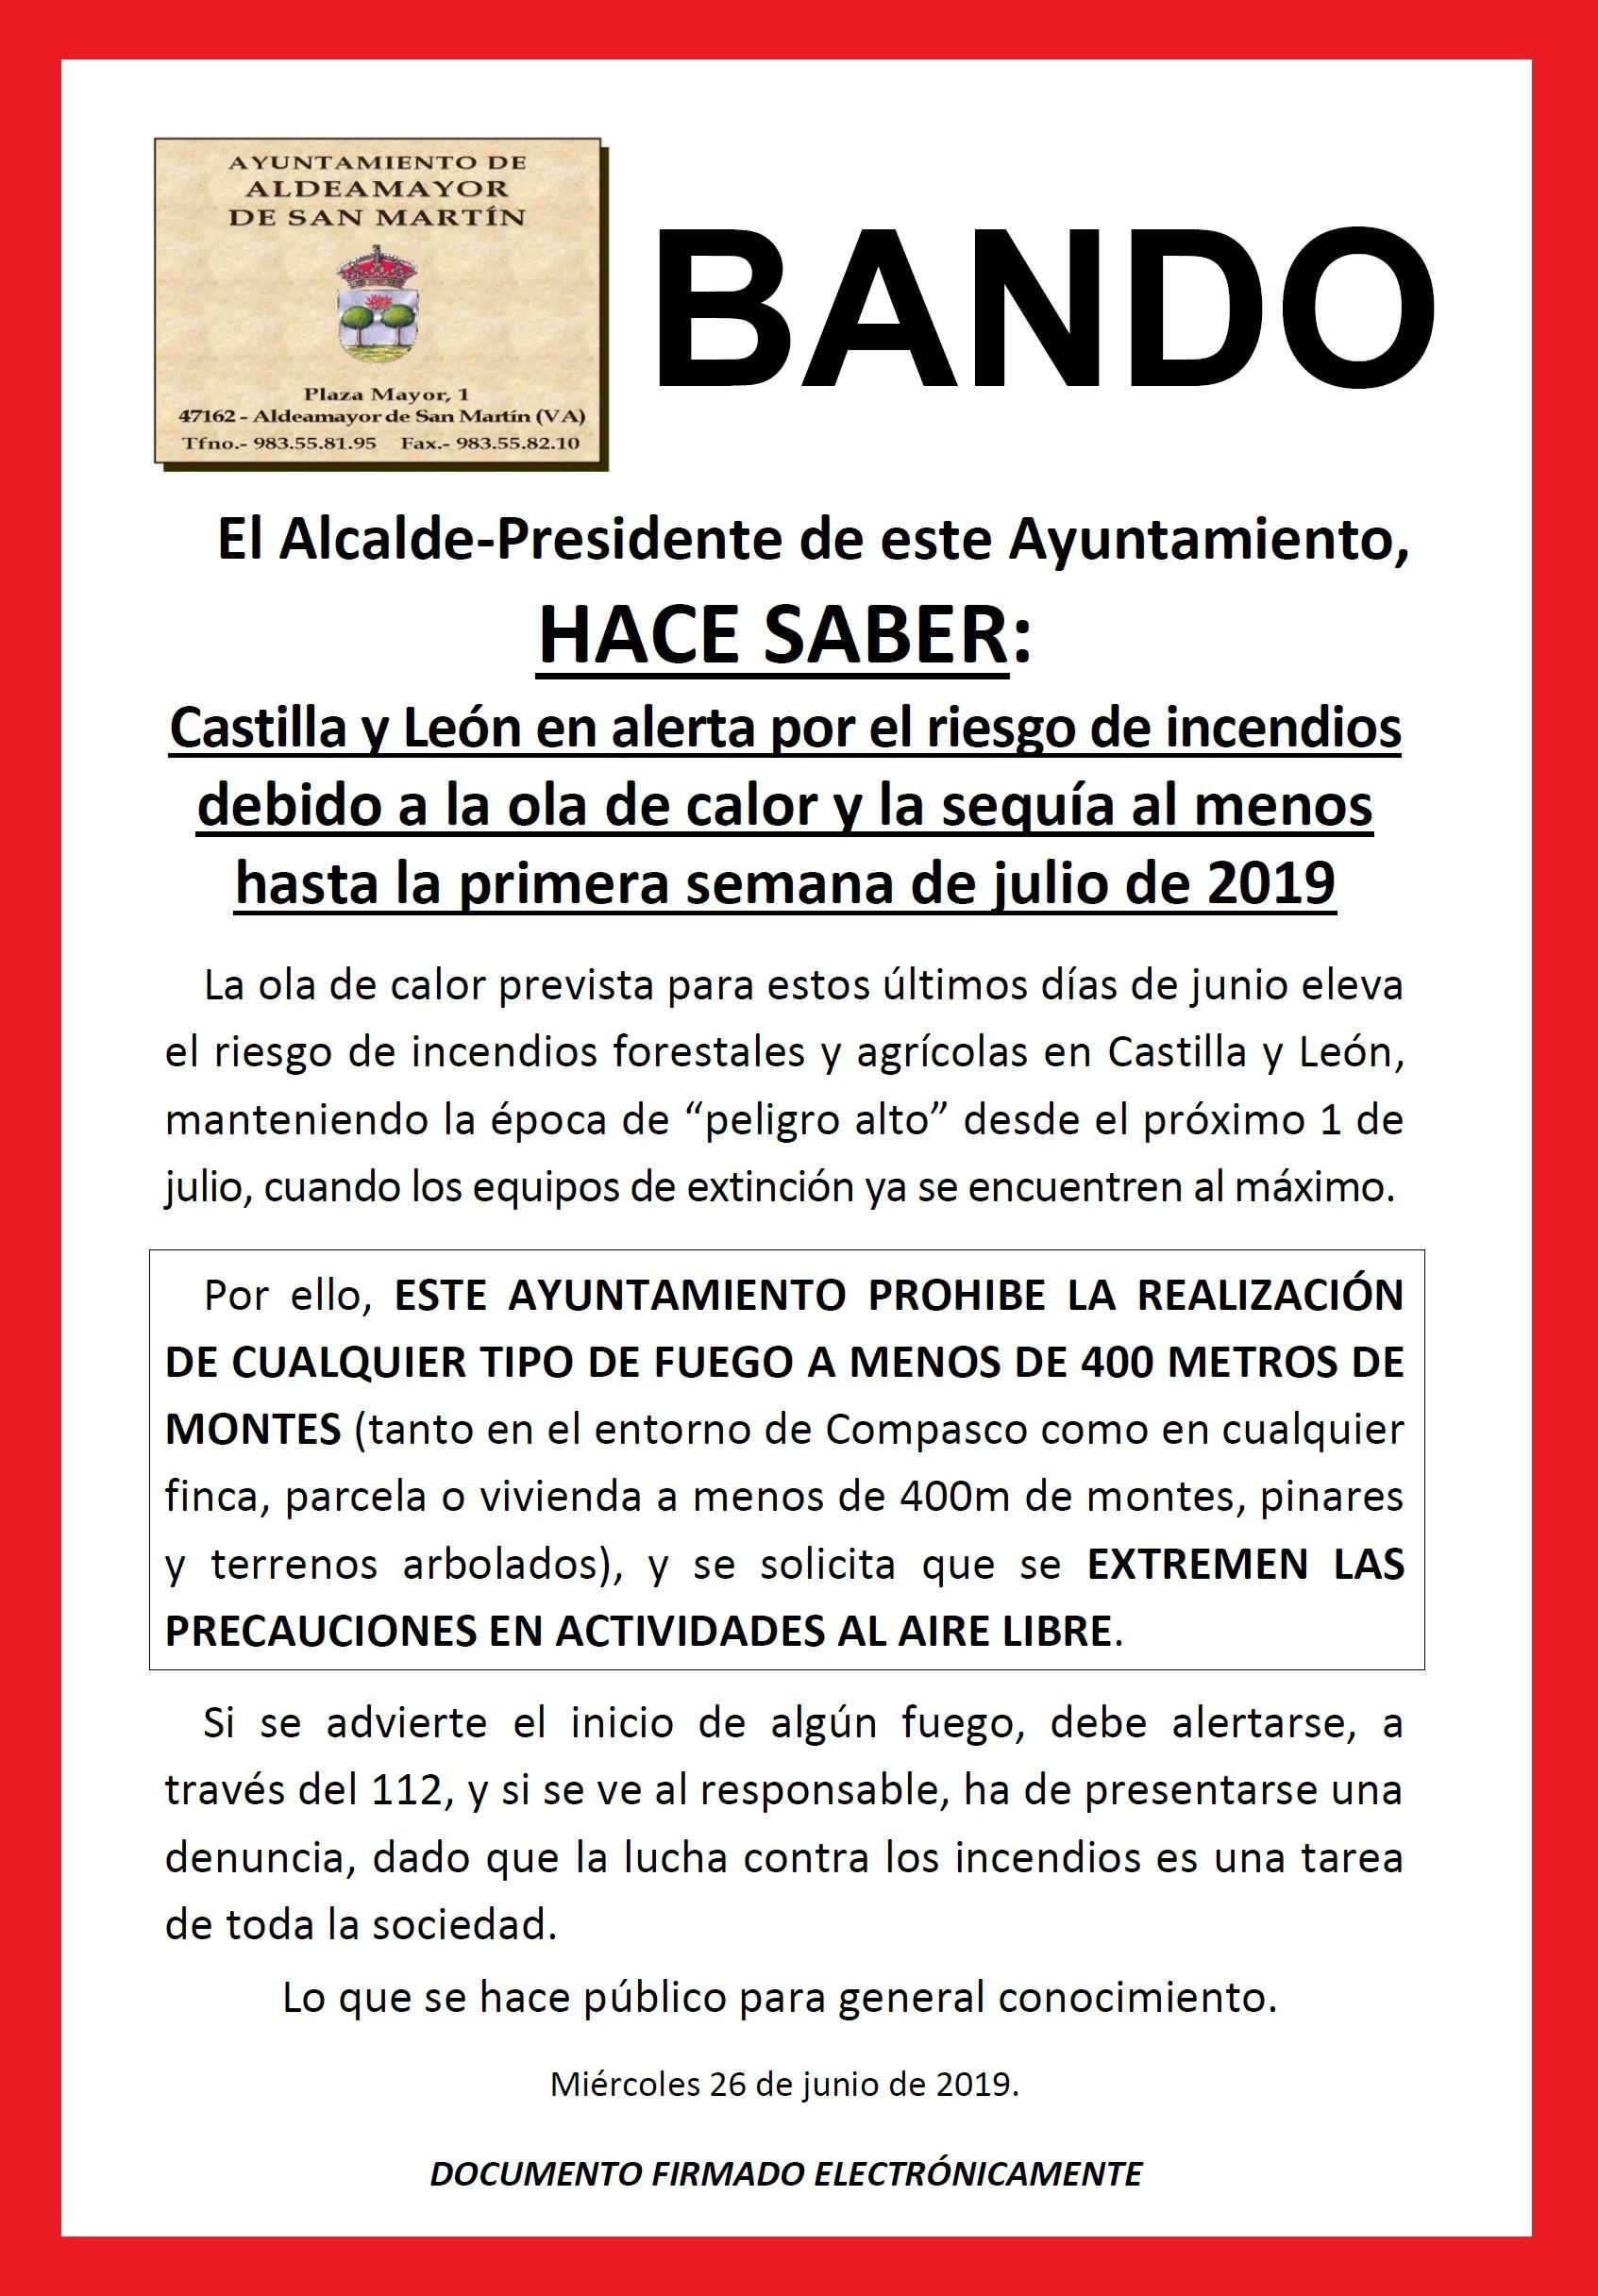 Bando Peligro de incendios Castilla y Leon Junio de 2019